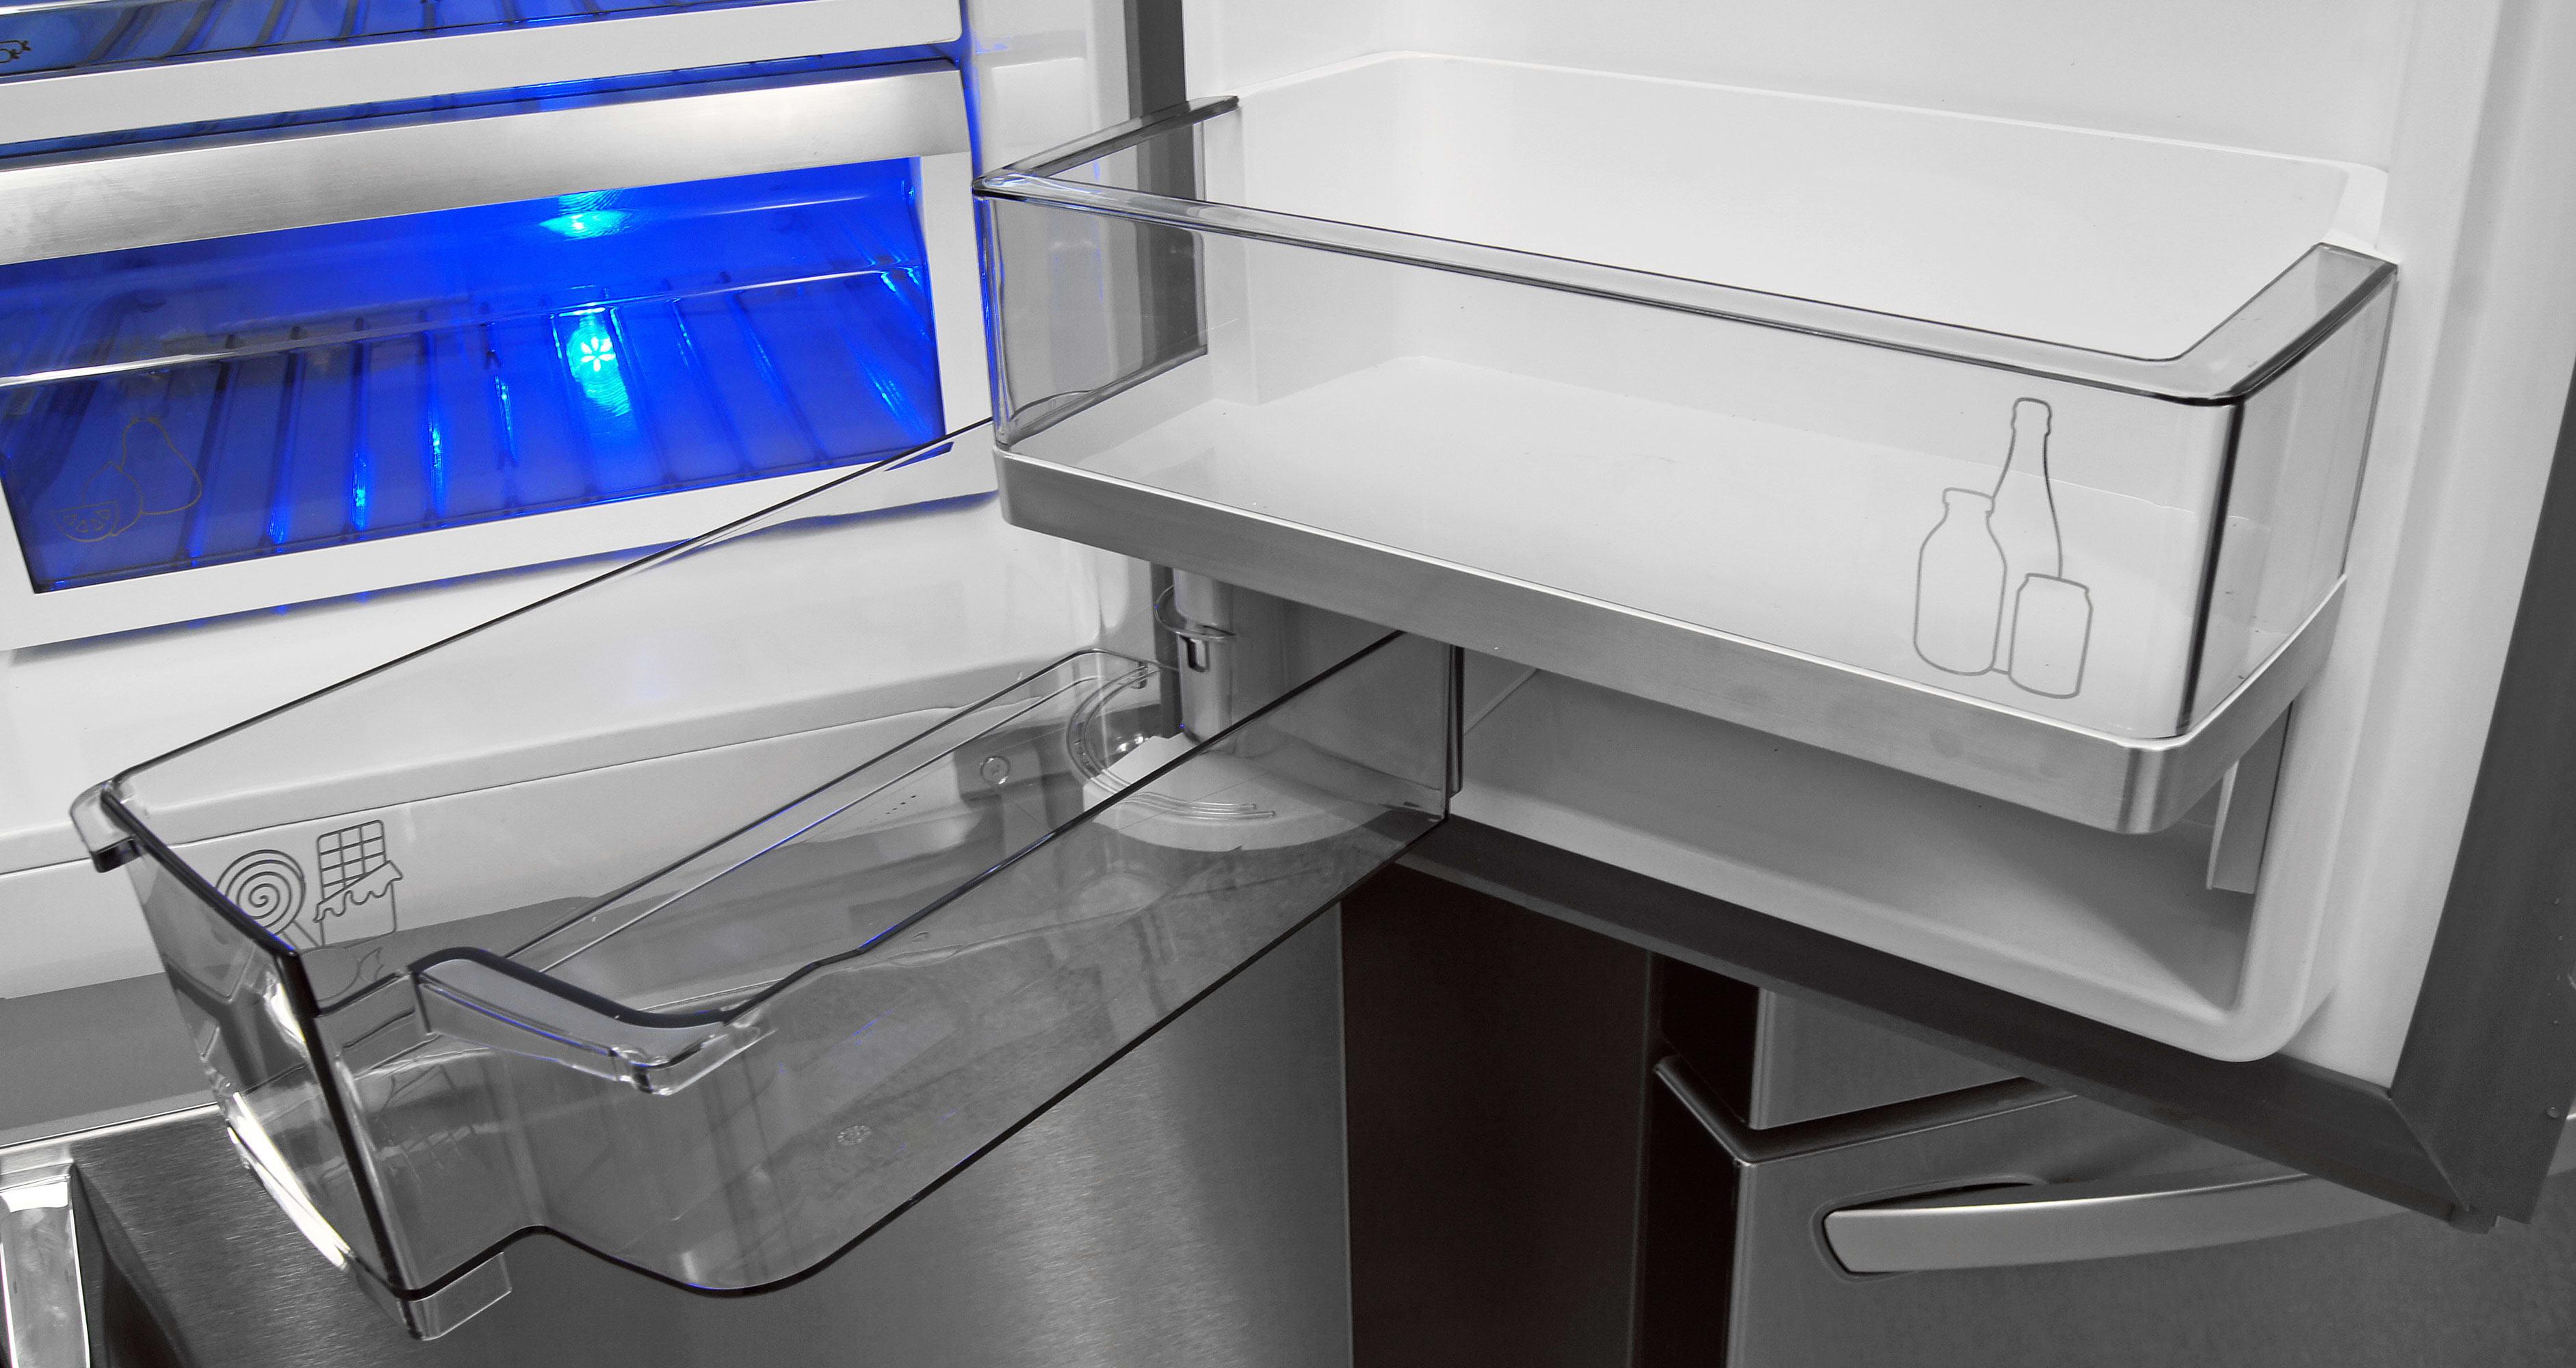 Dacor Dtf364siws Refrigerator Review Reviewed Com